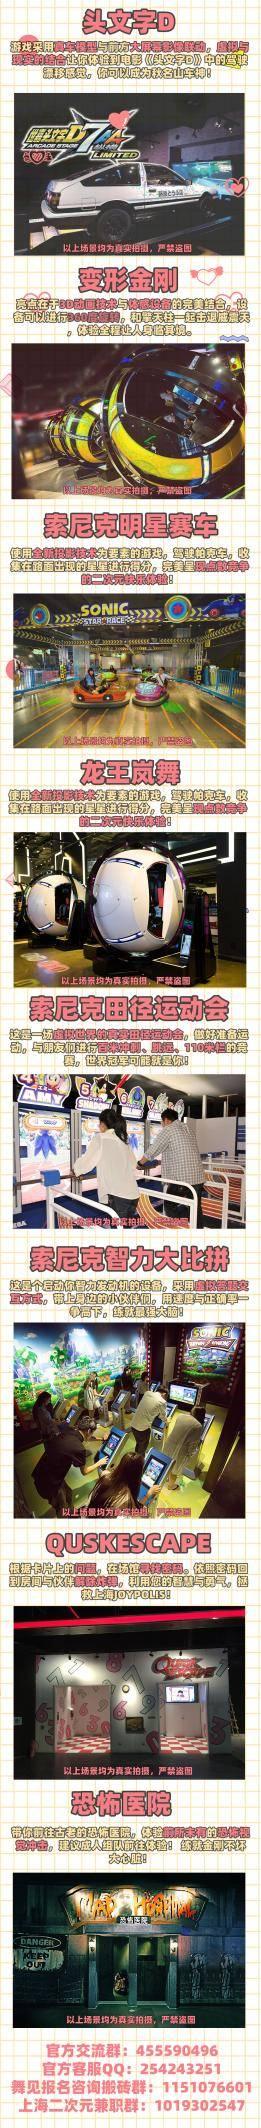 上海二次元cosplay漫展哪家强?第七届妖漫漫展的coser来告诉你